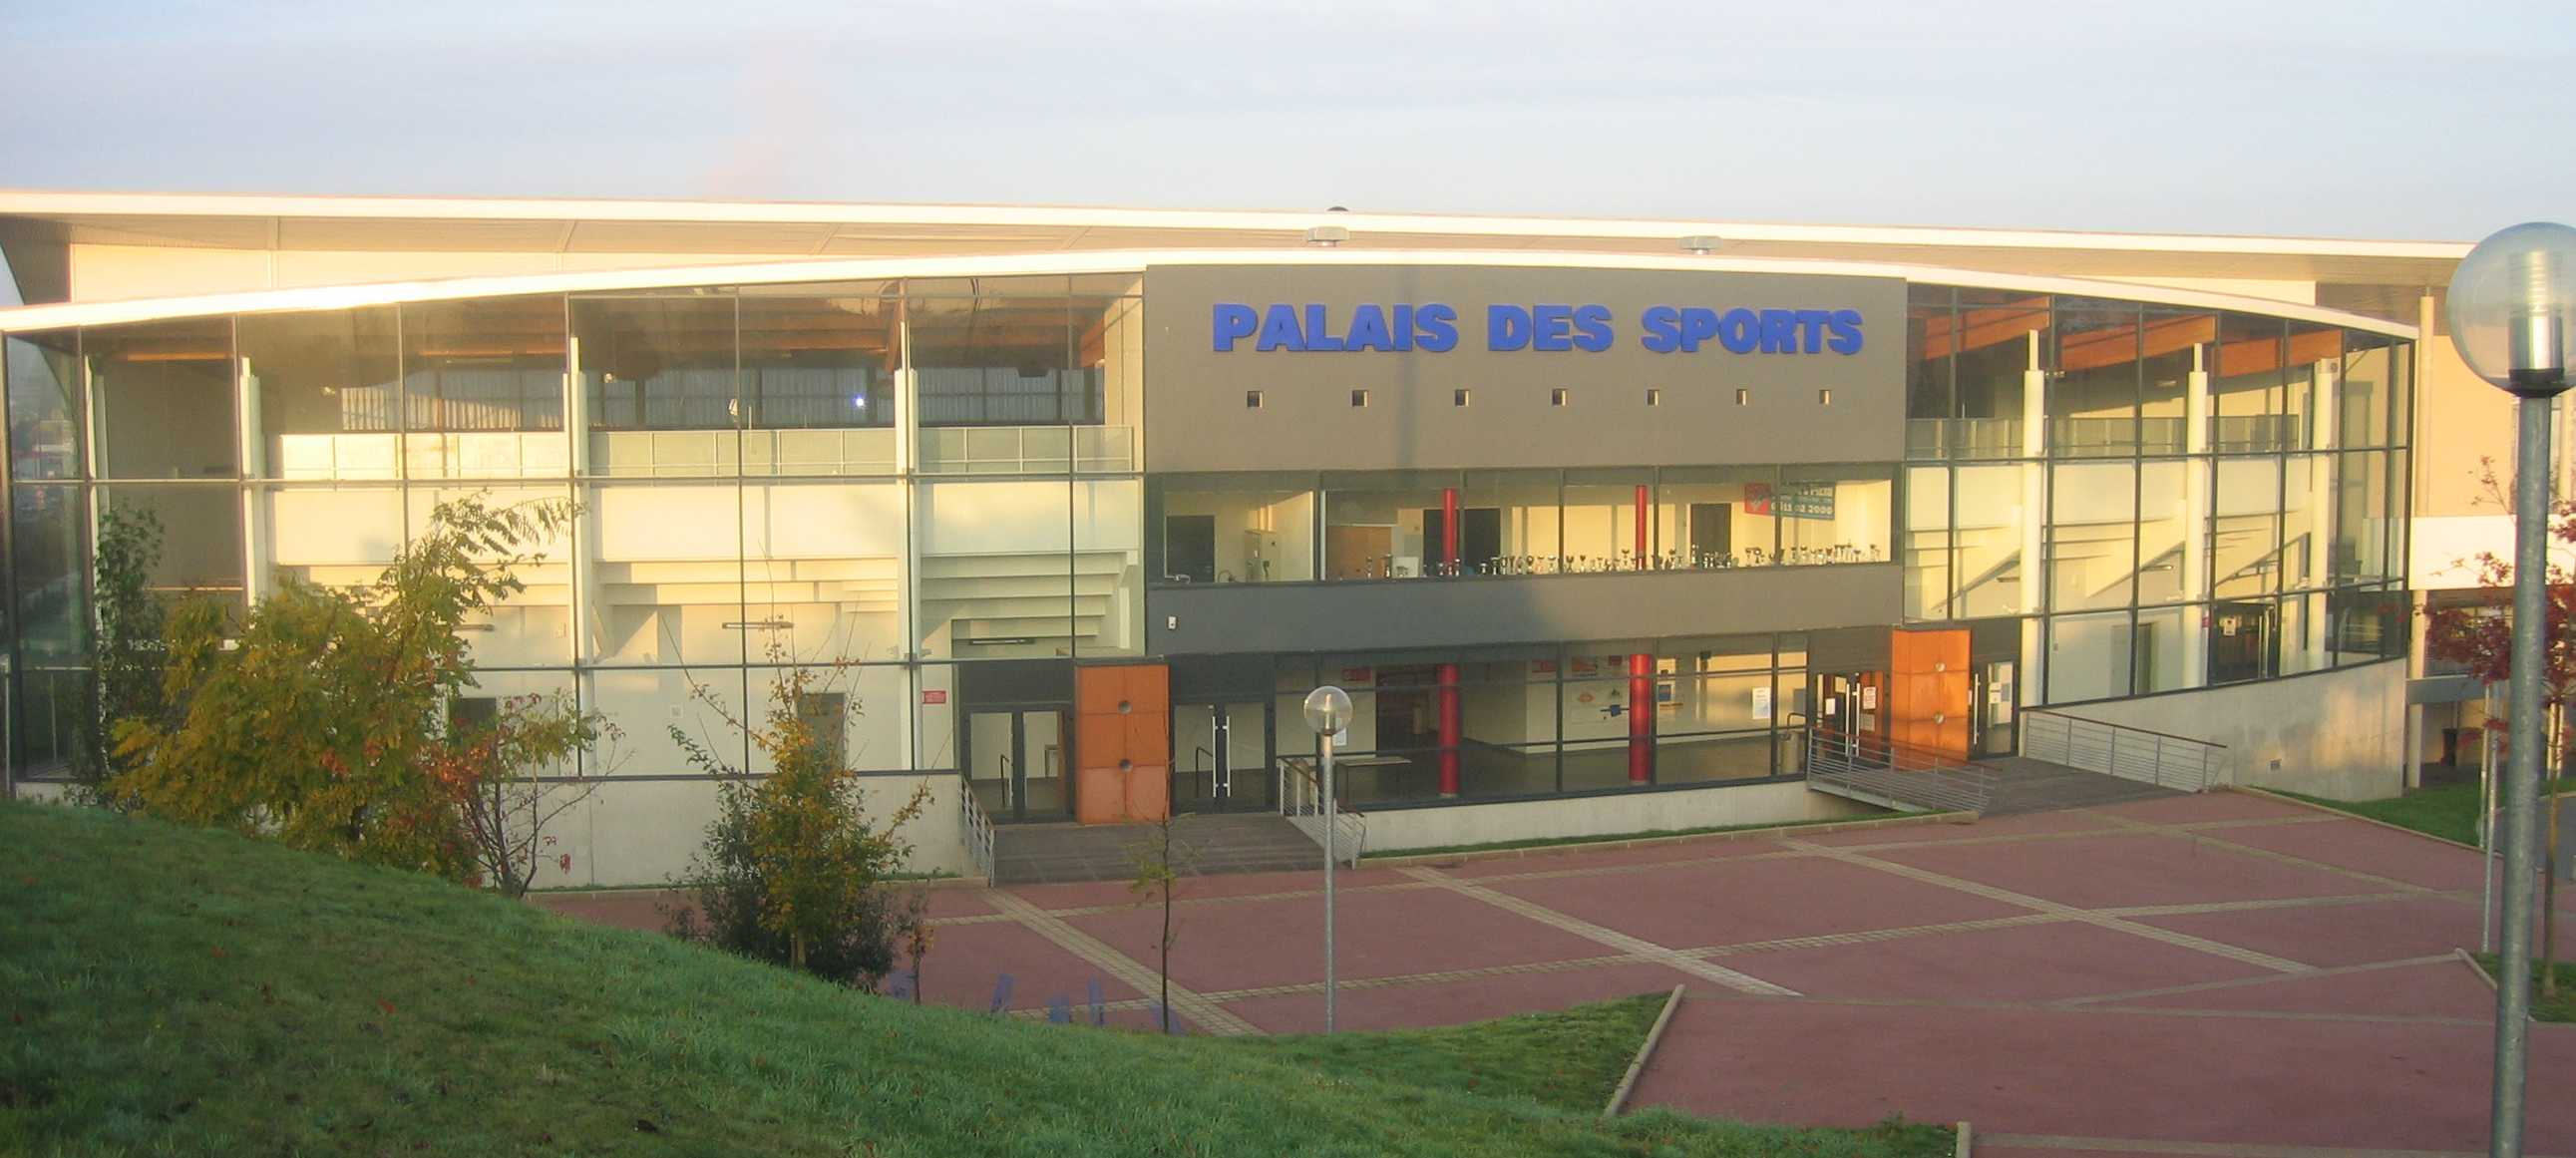 Palais des sports de la valette info stades for Piscine cesson